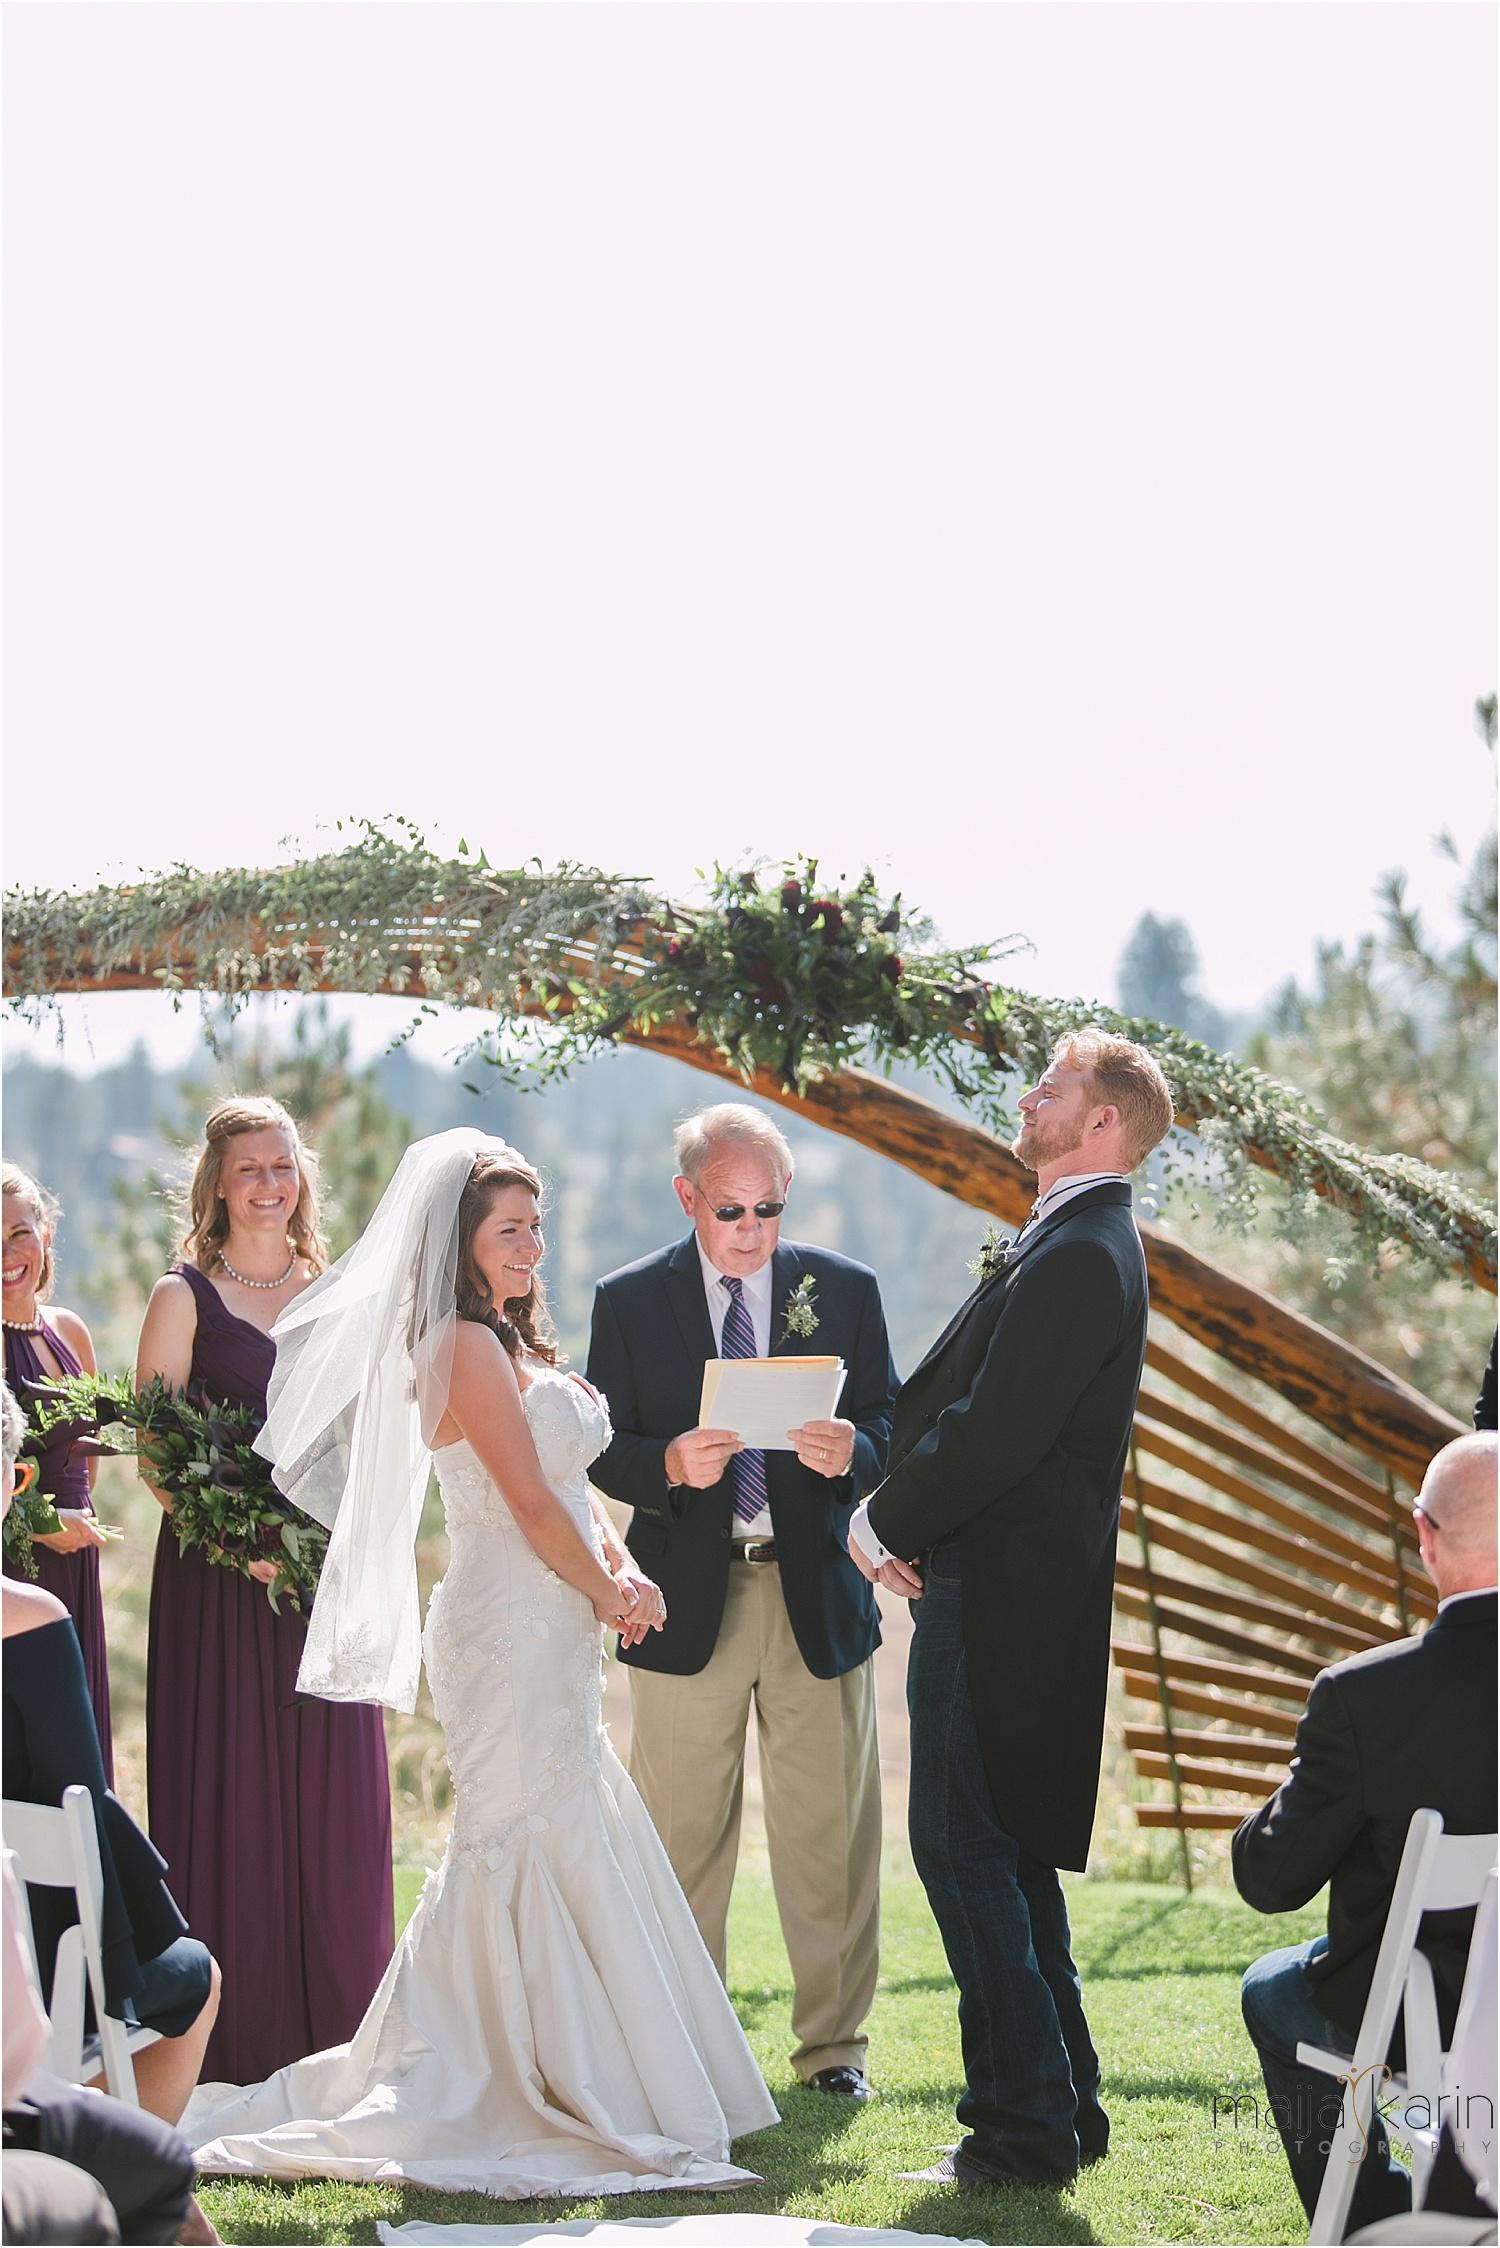 Jug-Mountain-Ranch-Wedding-Maija-Karin-Photography_0027.jpg